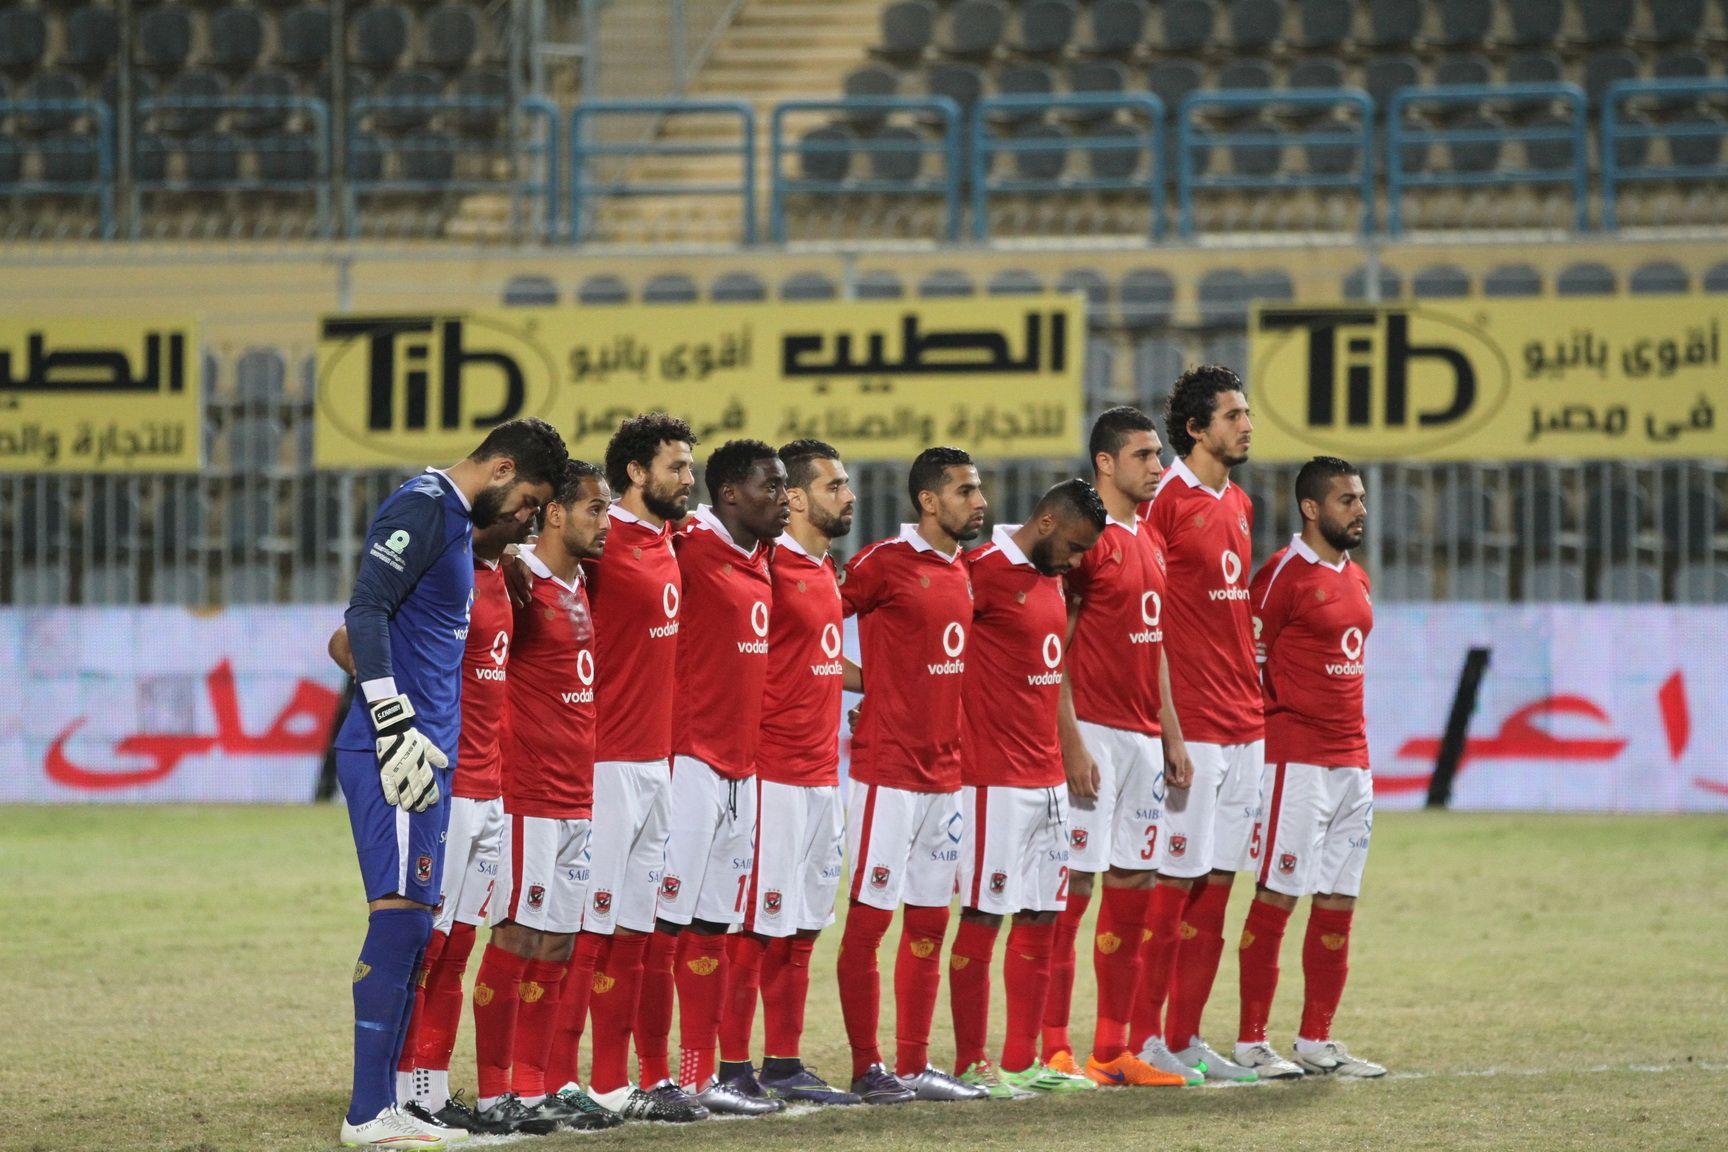 موعد مباراة الاهلى اليوم بتوقيت مصر